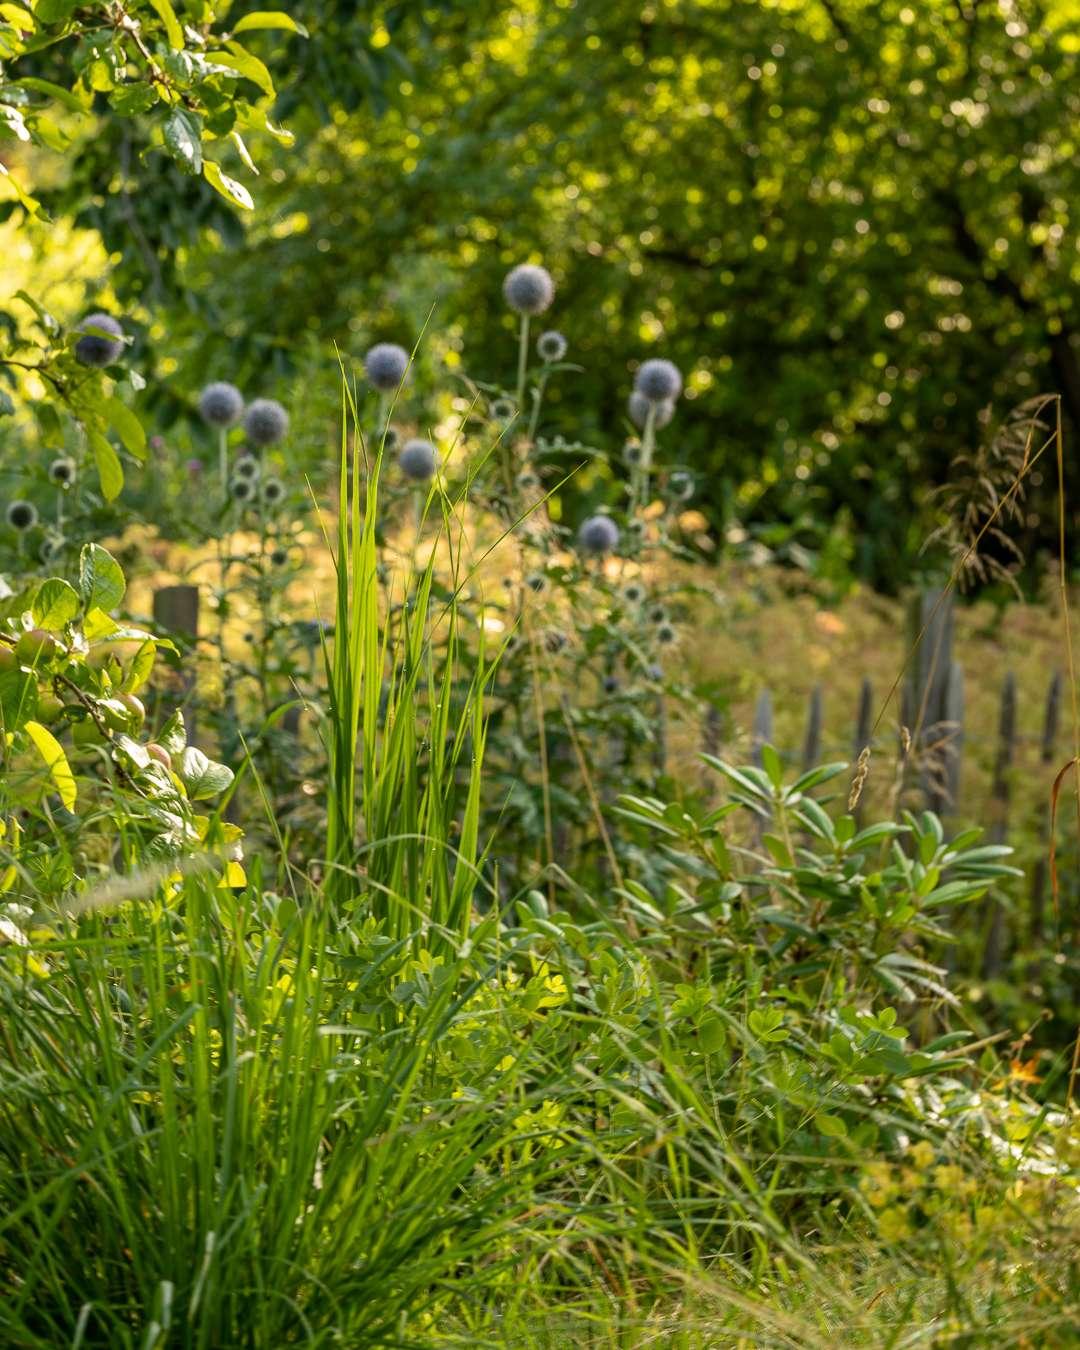 En del af den vilde have, er fyldt med naturligt forekommende vækster